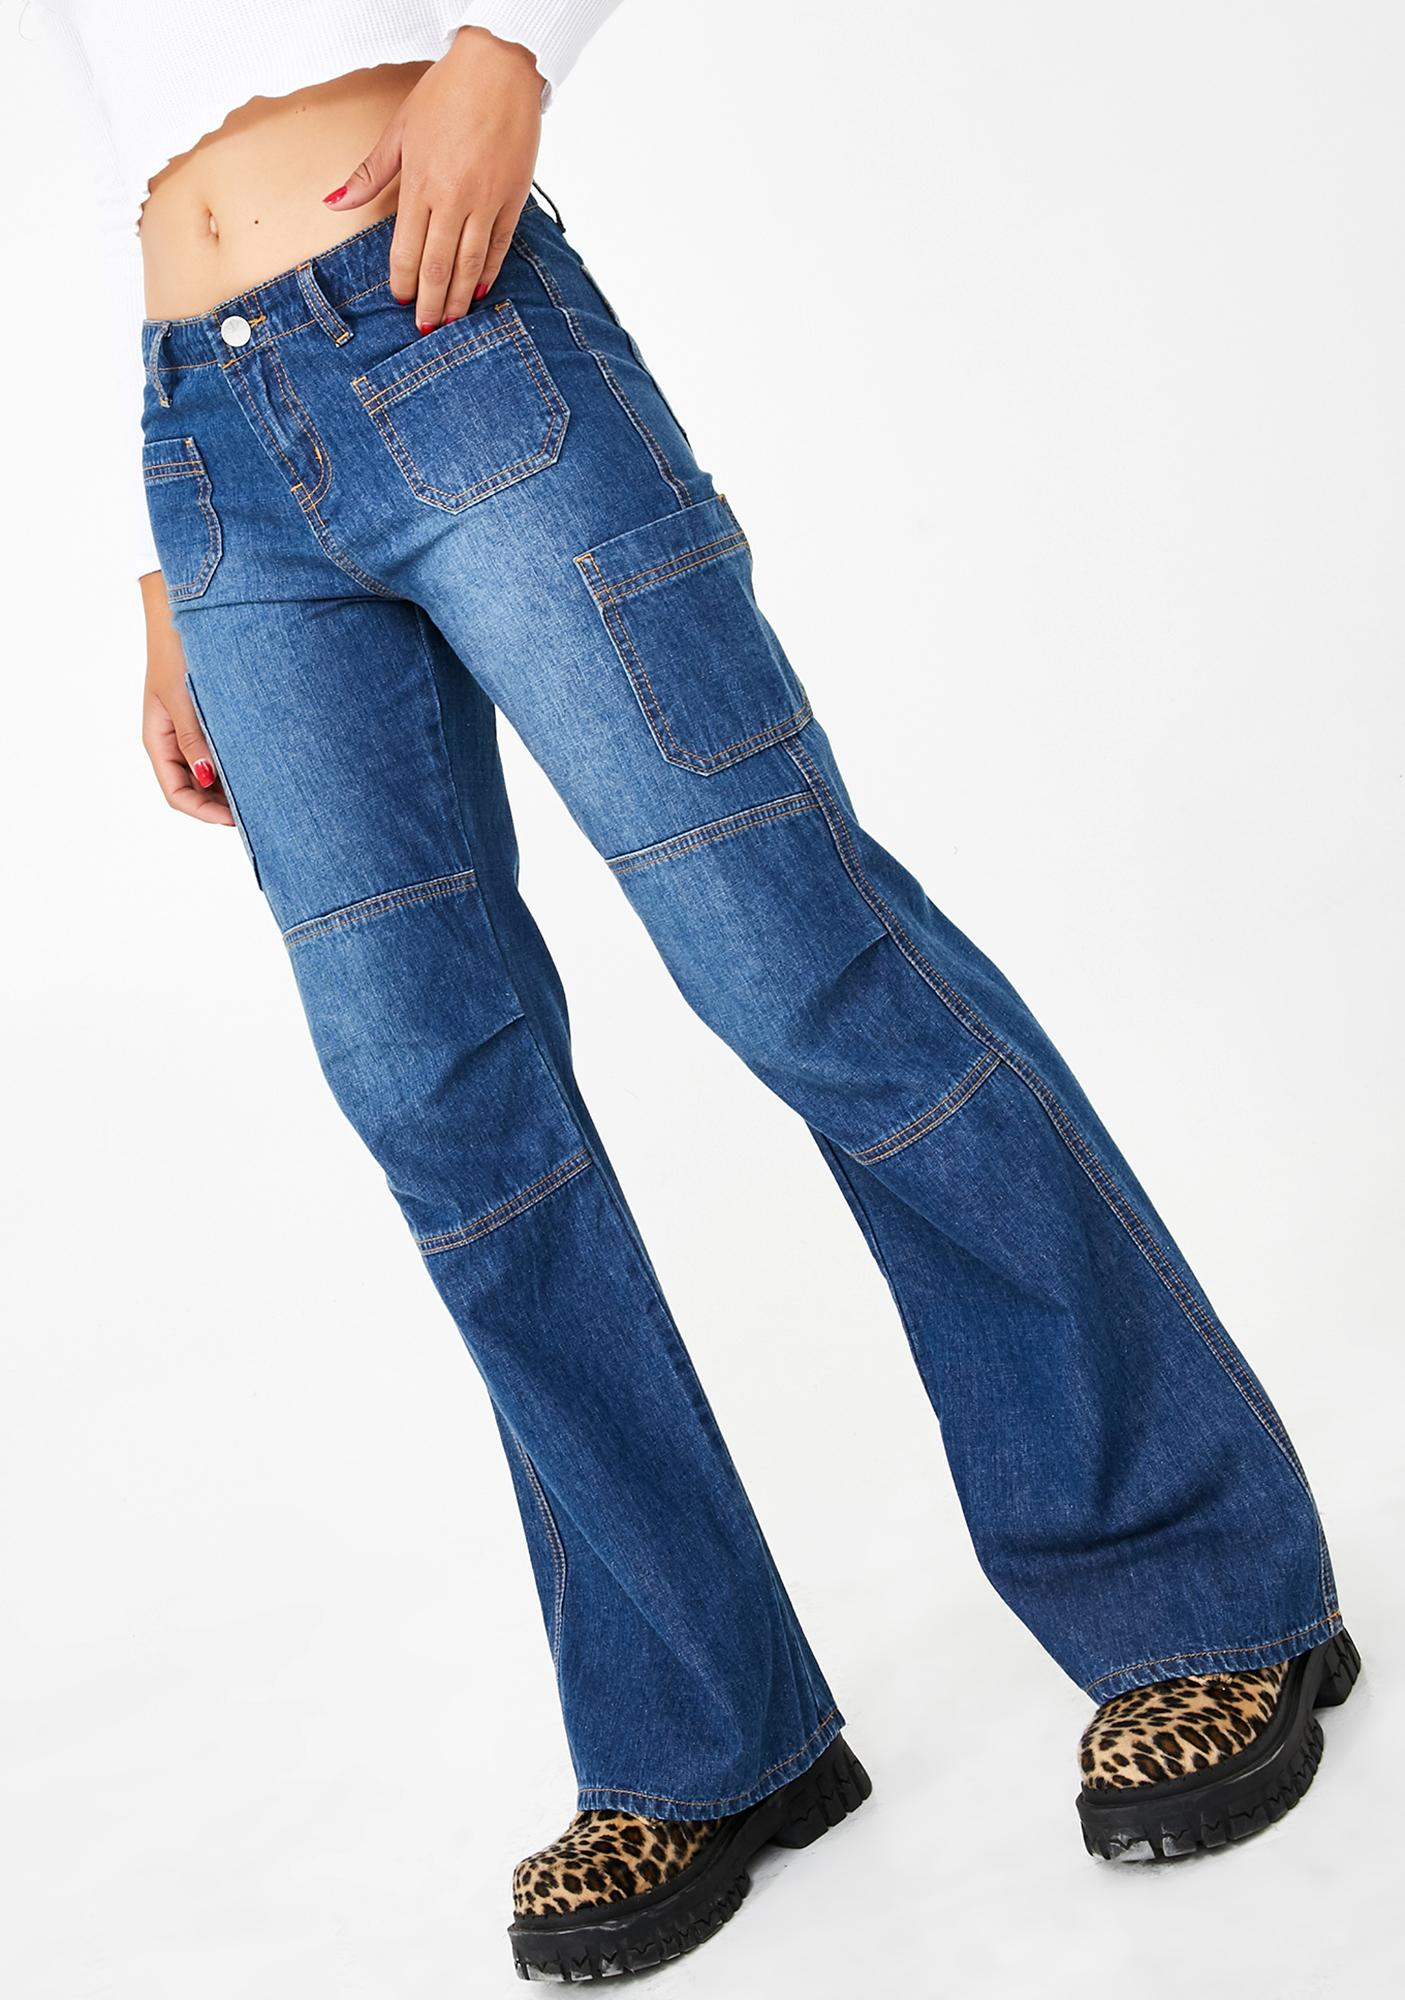 dELiA*s by Dolls Kill Skippin' Skool Bootcut Jeans